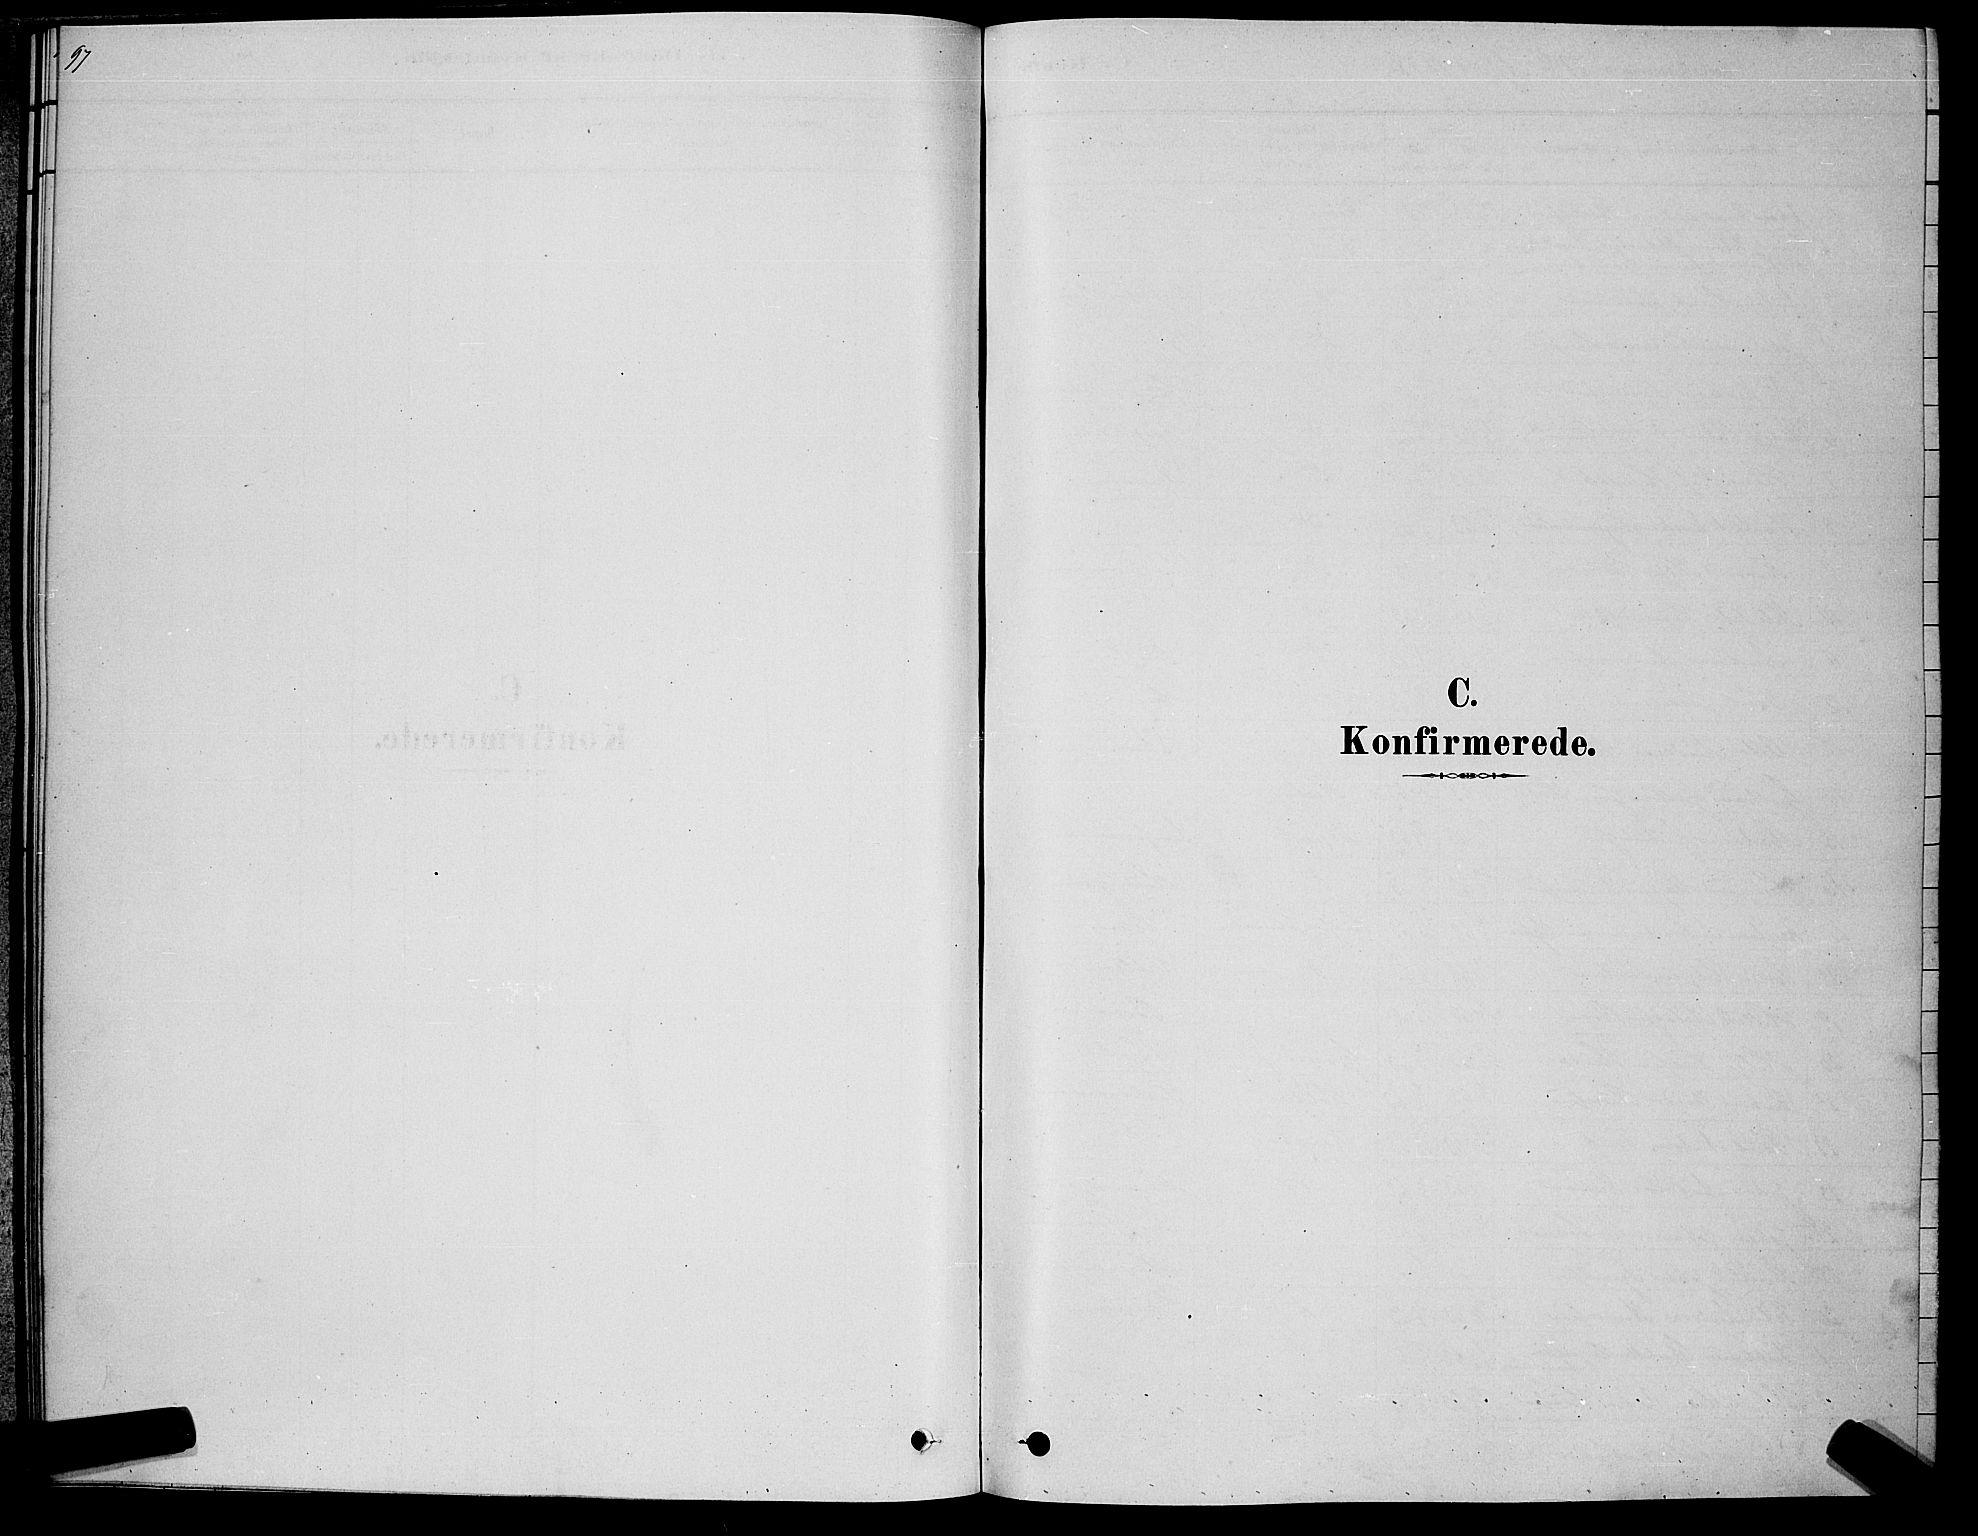 SAKO, Kongsberg kirkebøker, G/Ga/L0005: Klokkerbok nr. 5, 1878-1889, s. 97